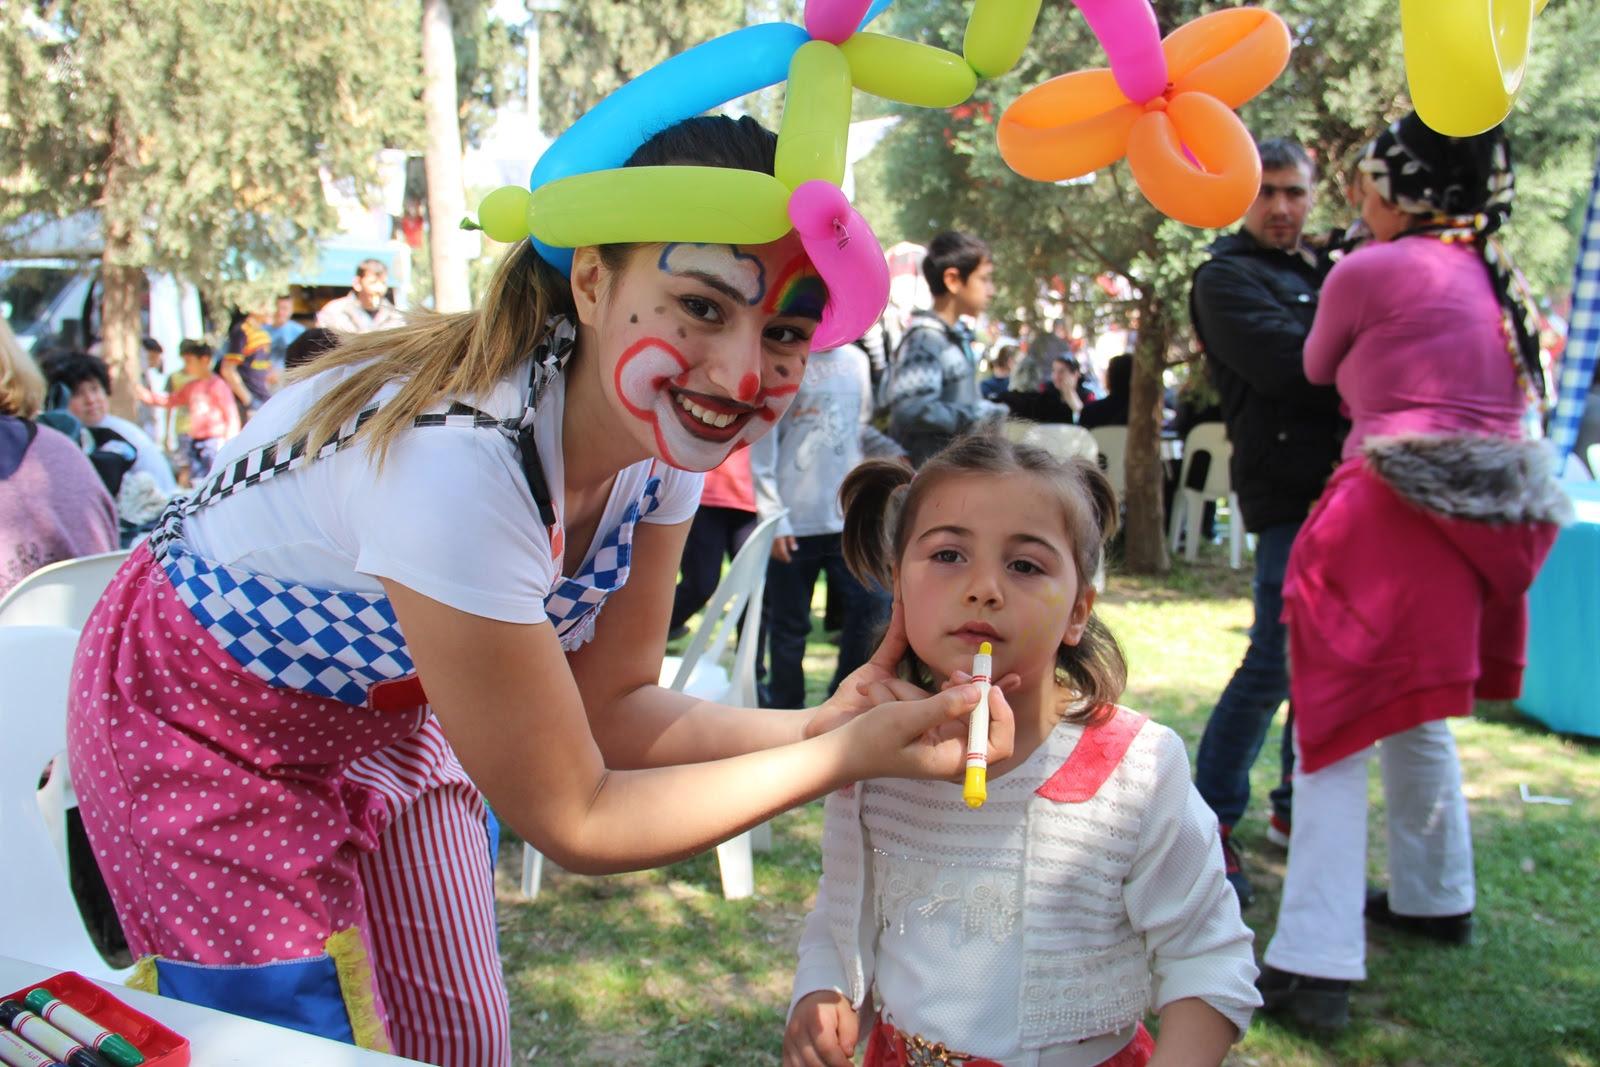 Piknik Organizasyonu Yüz Boyama Servisi Istanbul Organizasyon